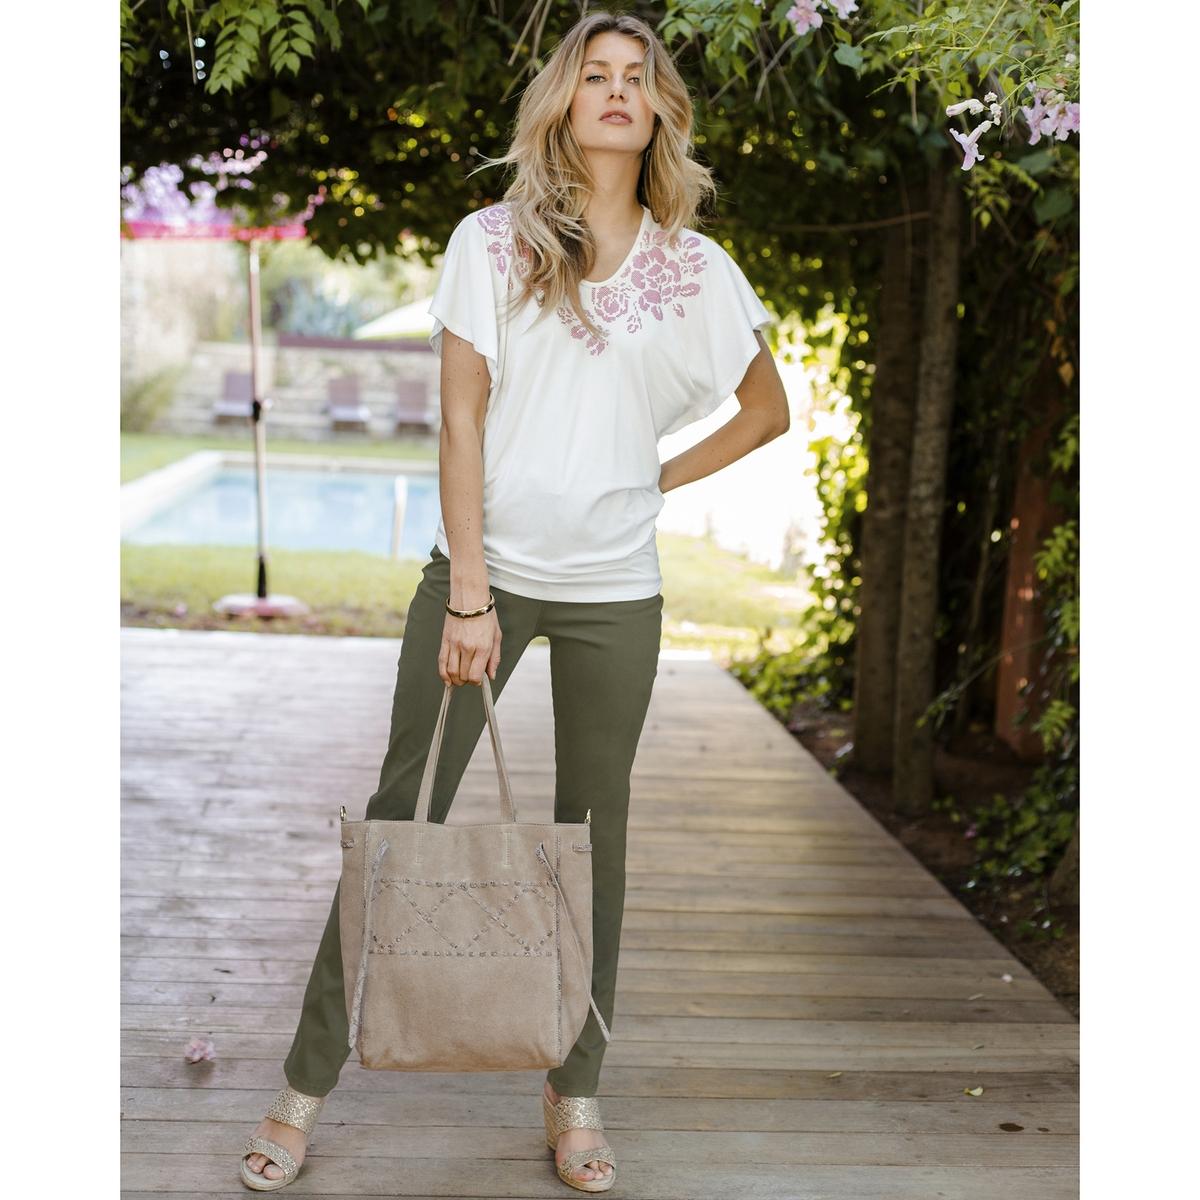 Imagen secundaria de producto de Camiseta con cuello redondo vaporosa y estampada - Anne weyburn